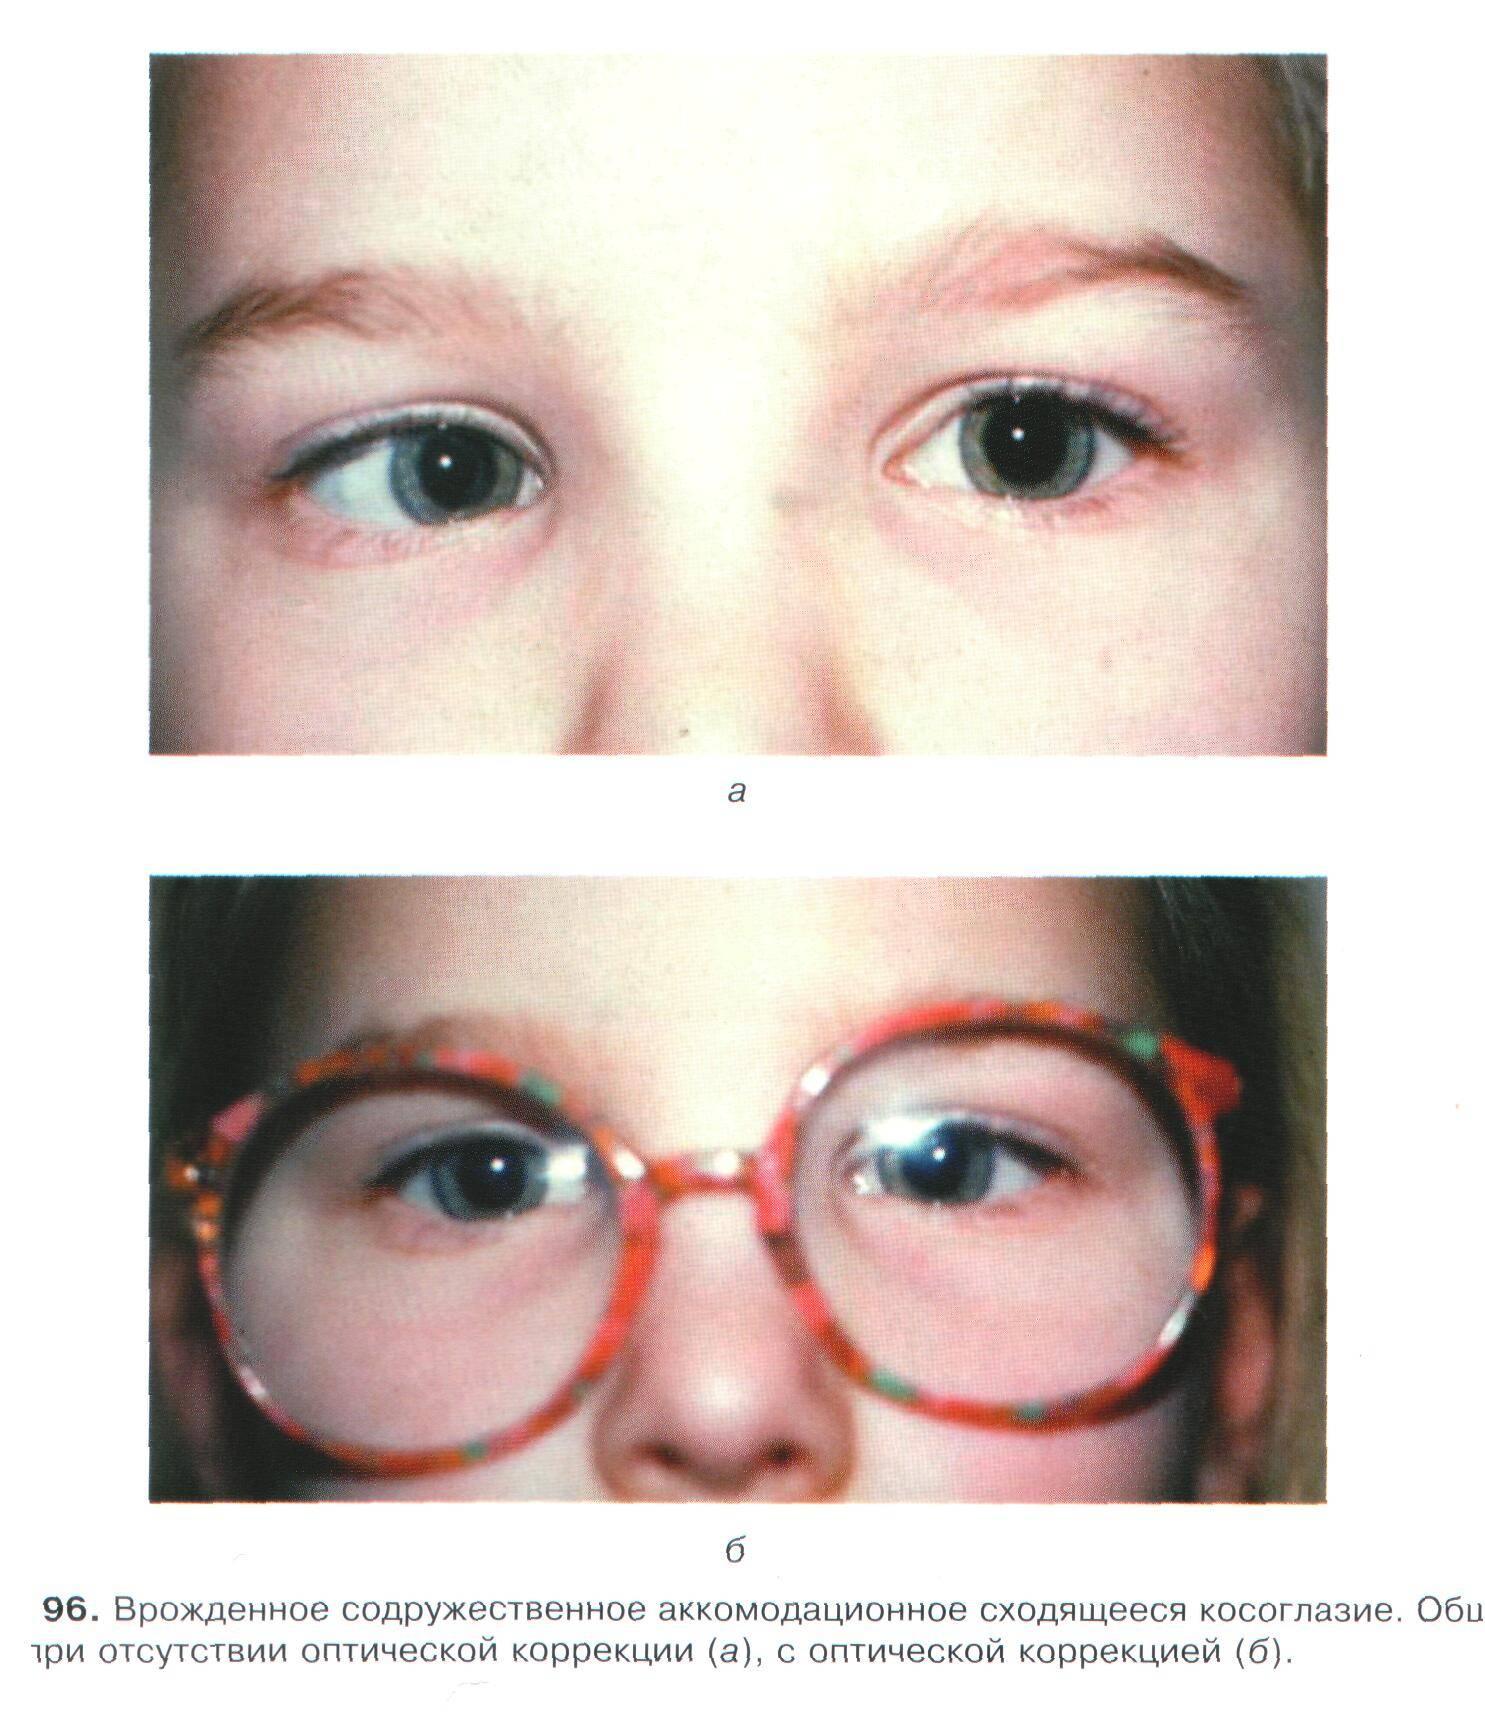 Операция на косоглазие - как проходит у детей и взрослых, последствия, отзывы